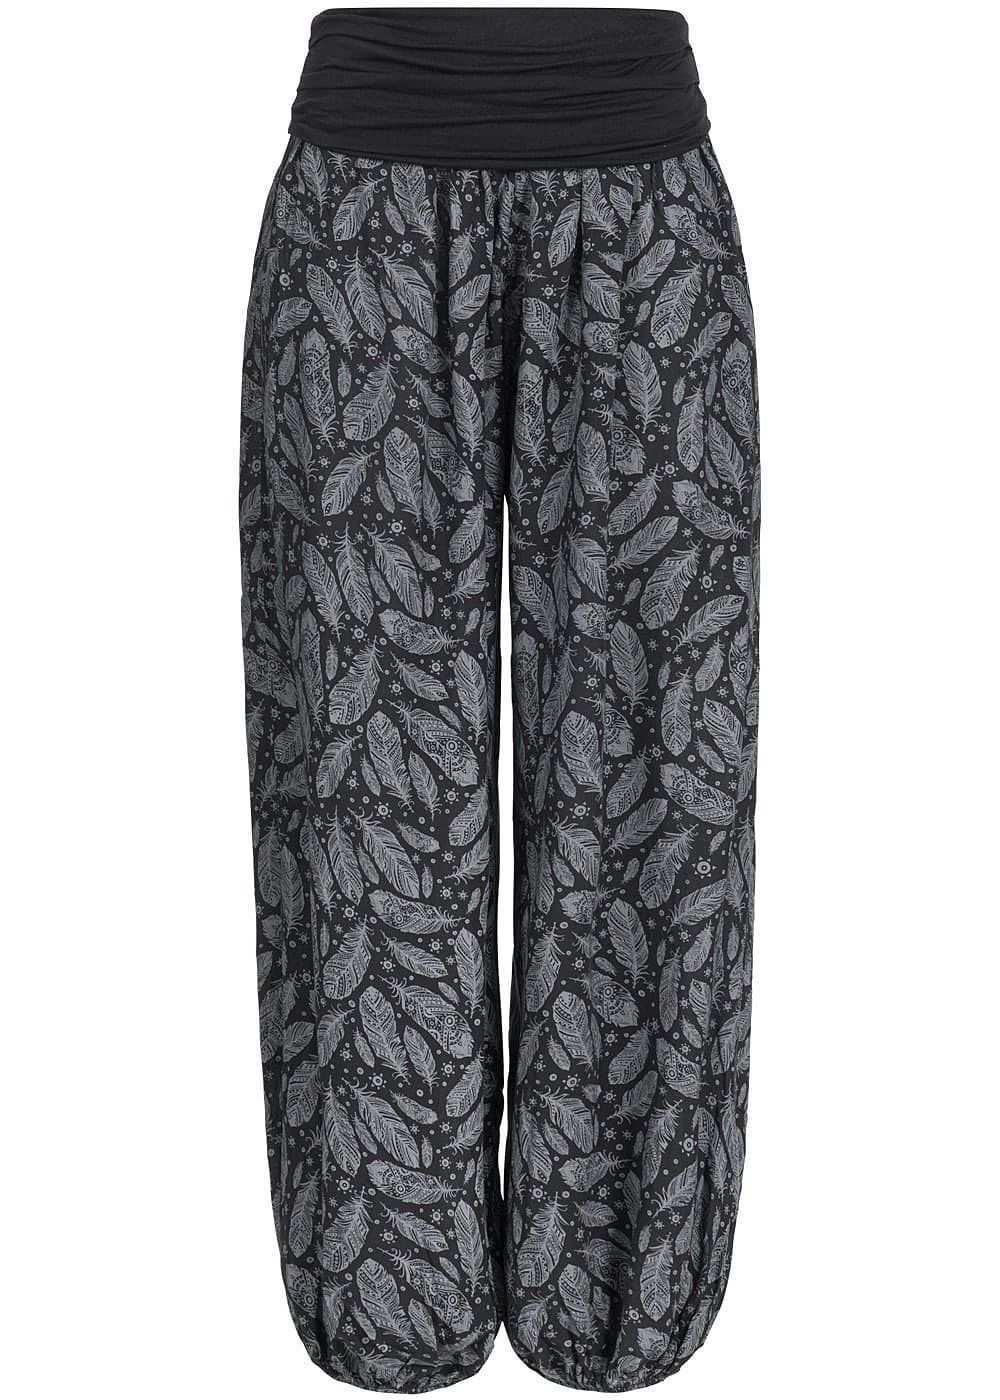 Styleboom Fashion Damen Sommer Hose Harem Style Federn Muster Breiter Bund Schwarz Grau 77onlineshop Pantalones